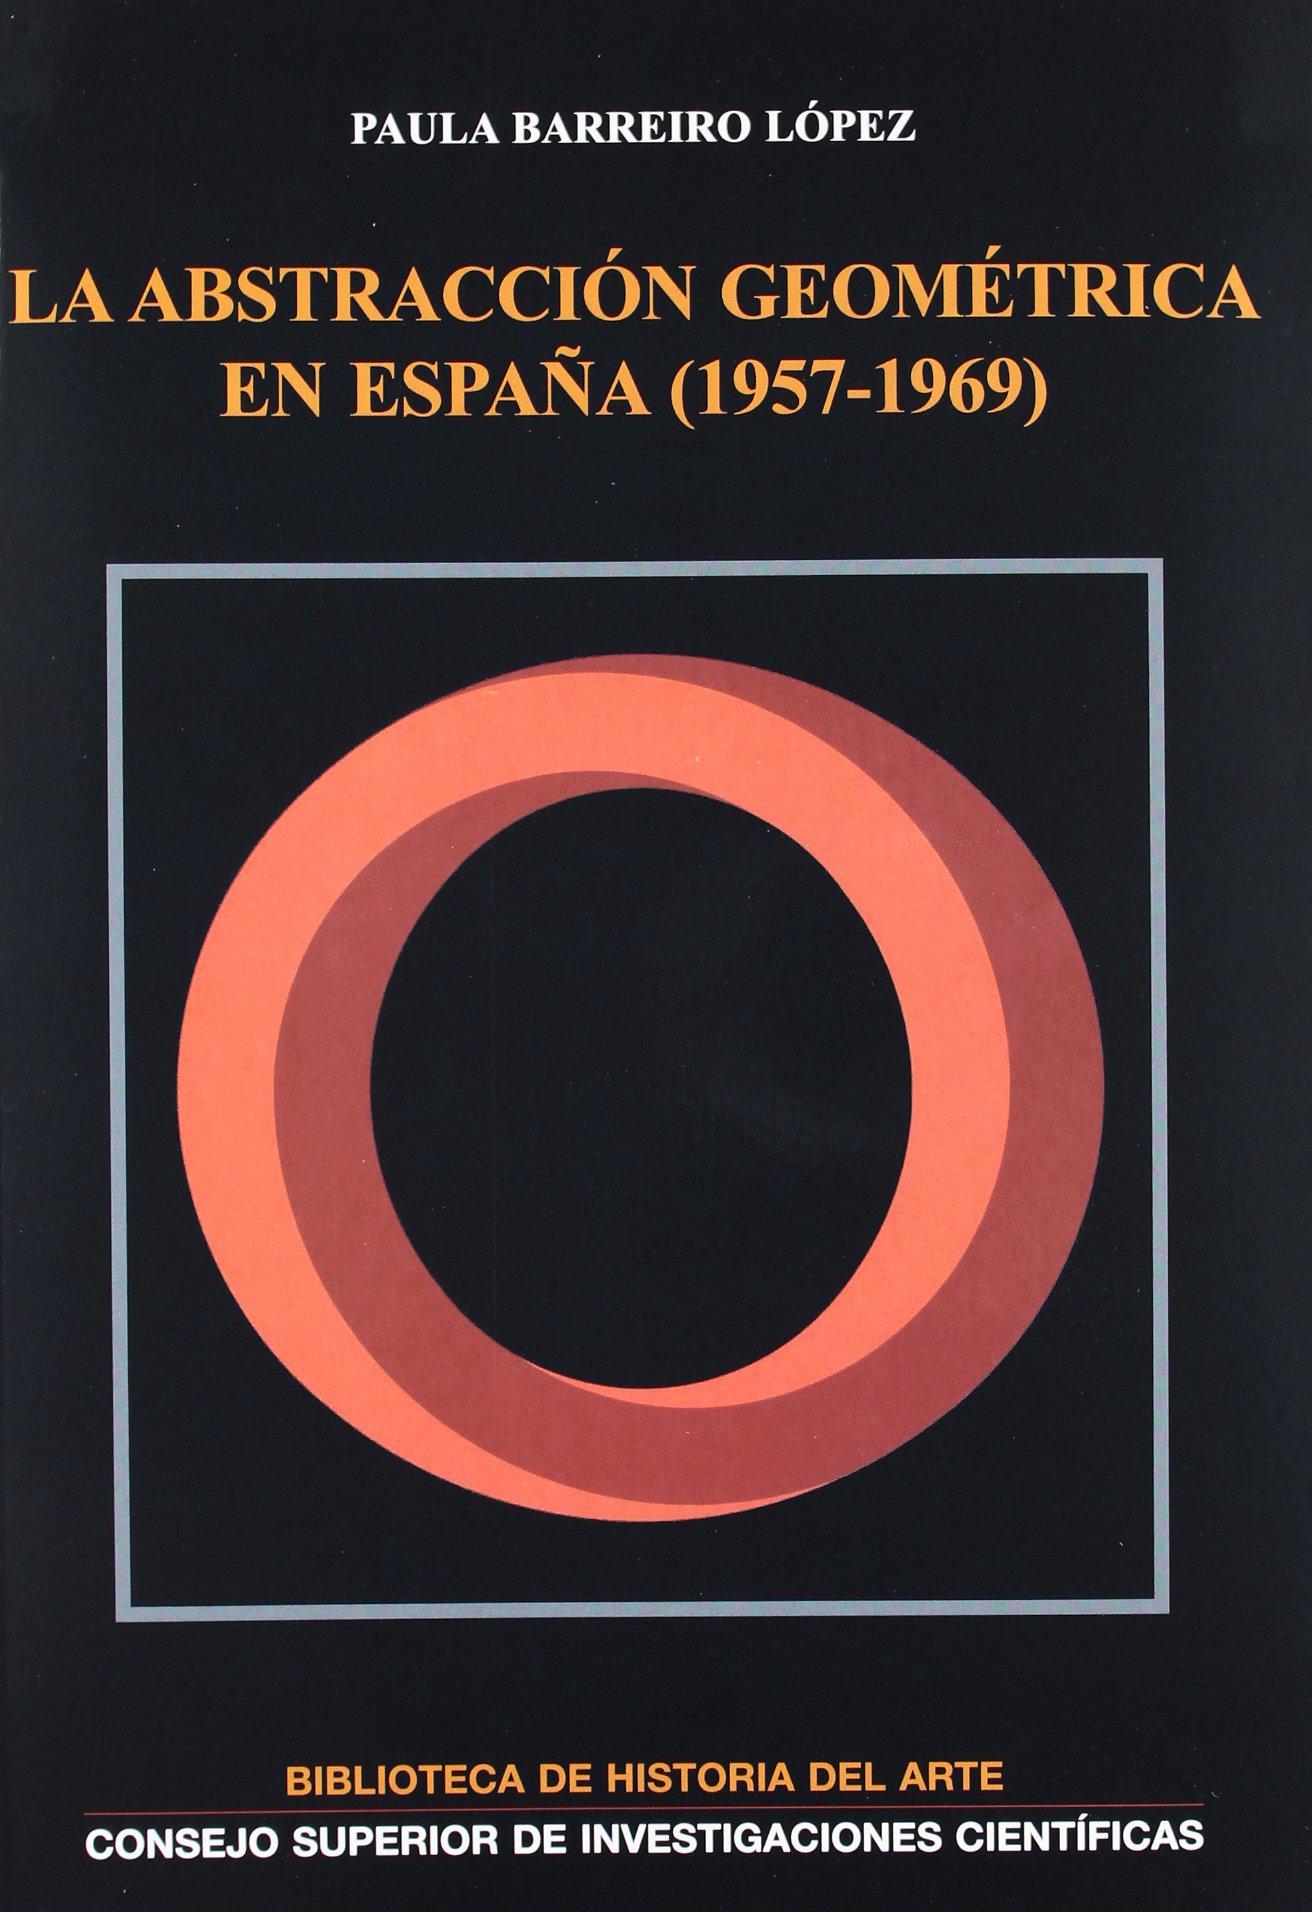 La abstracción geométrica en España 1957-1969 Biblioteca de Historia del Arte: Amazon.es: Barreiro López, Paula: Libros